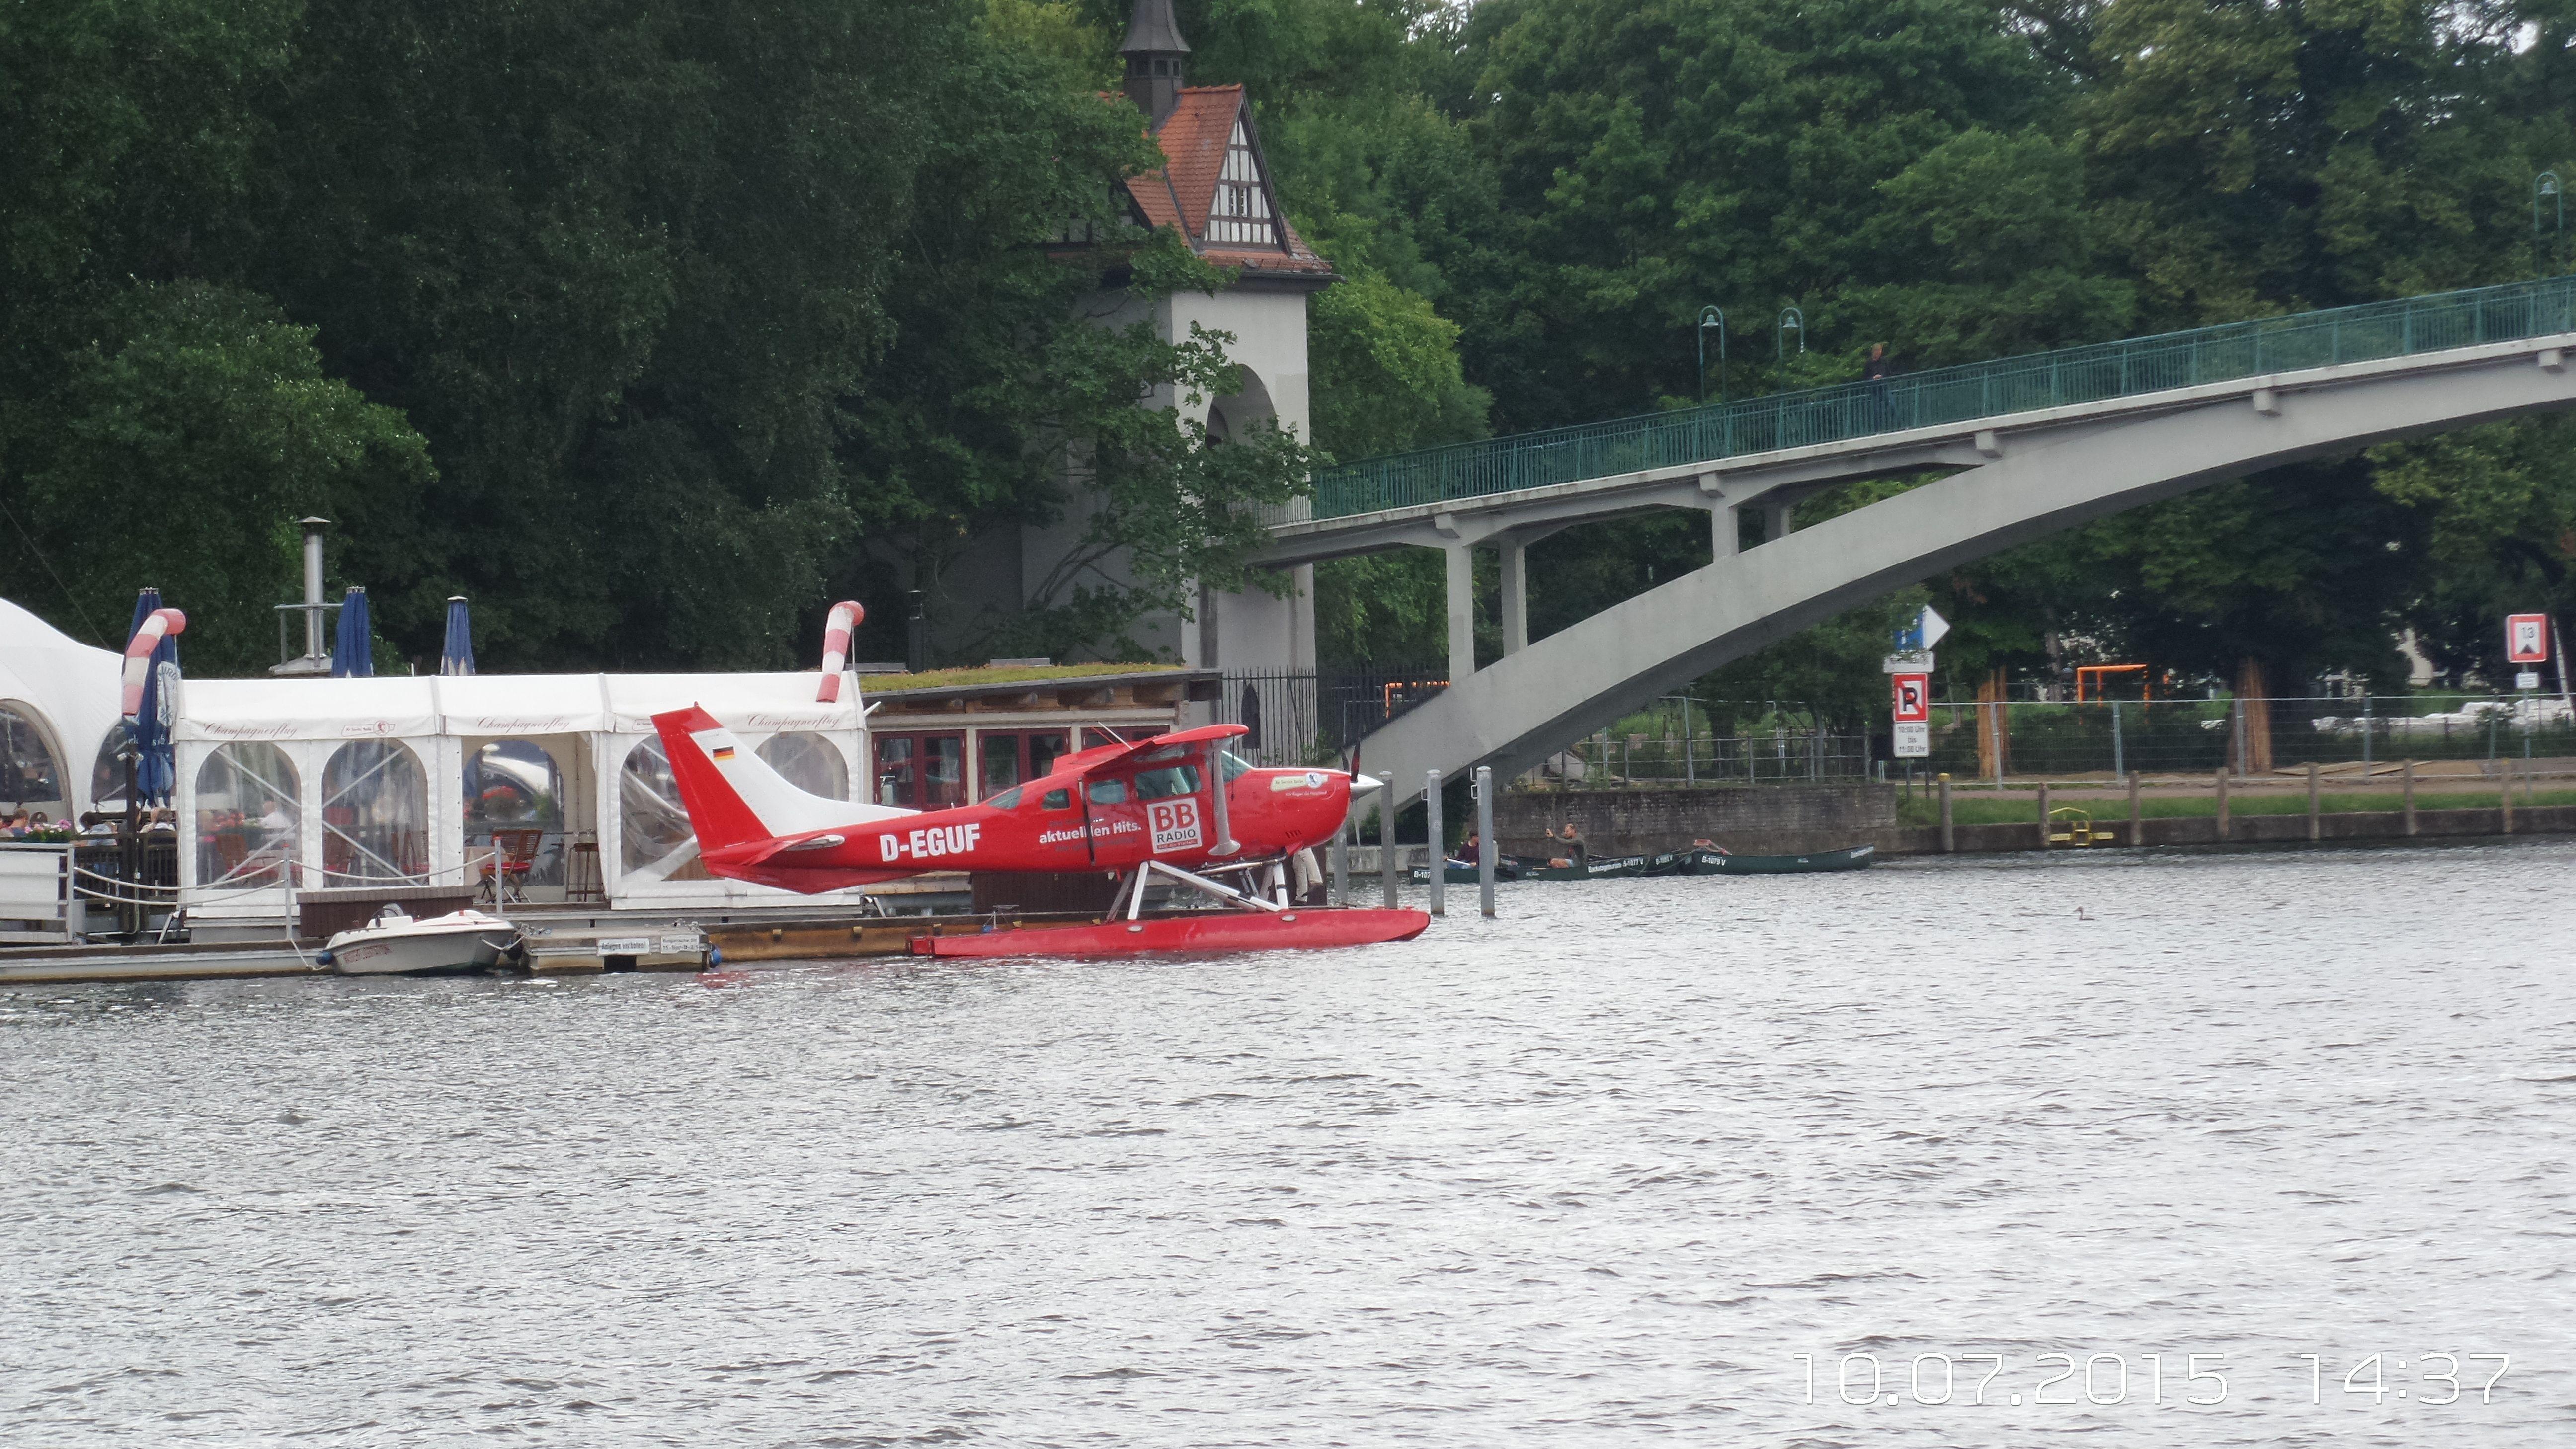 Wasserflugzeug auf der Spree